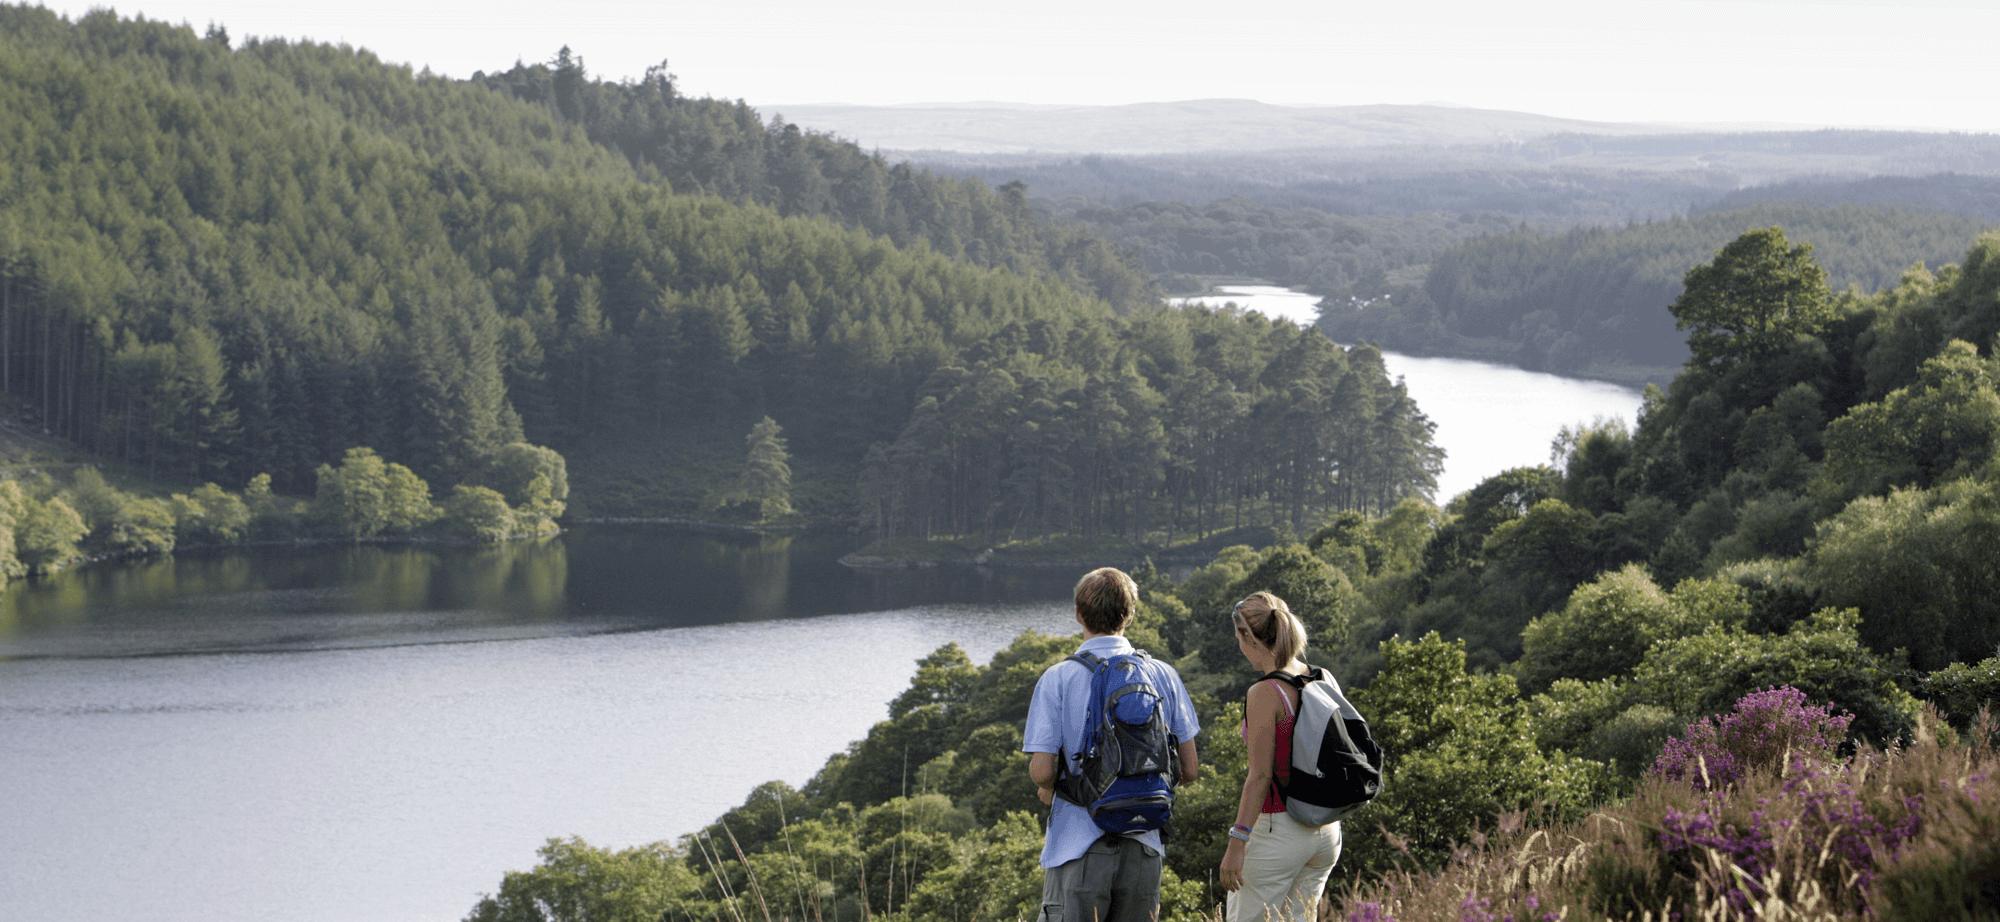 Two Walkers overlooking river